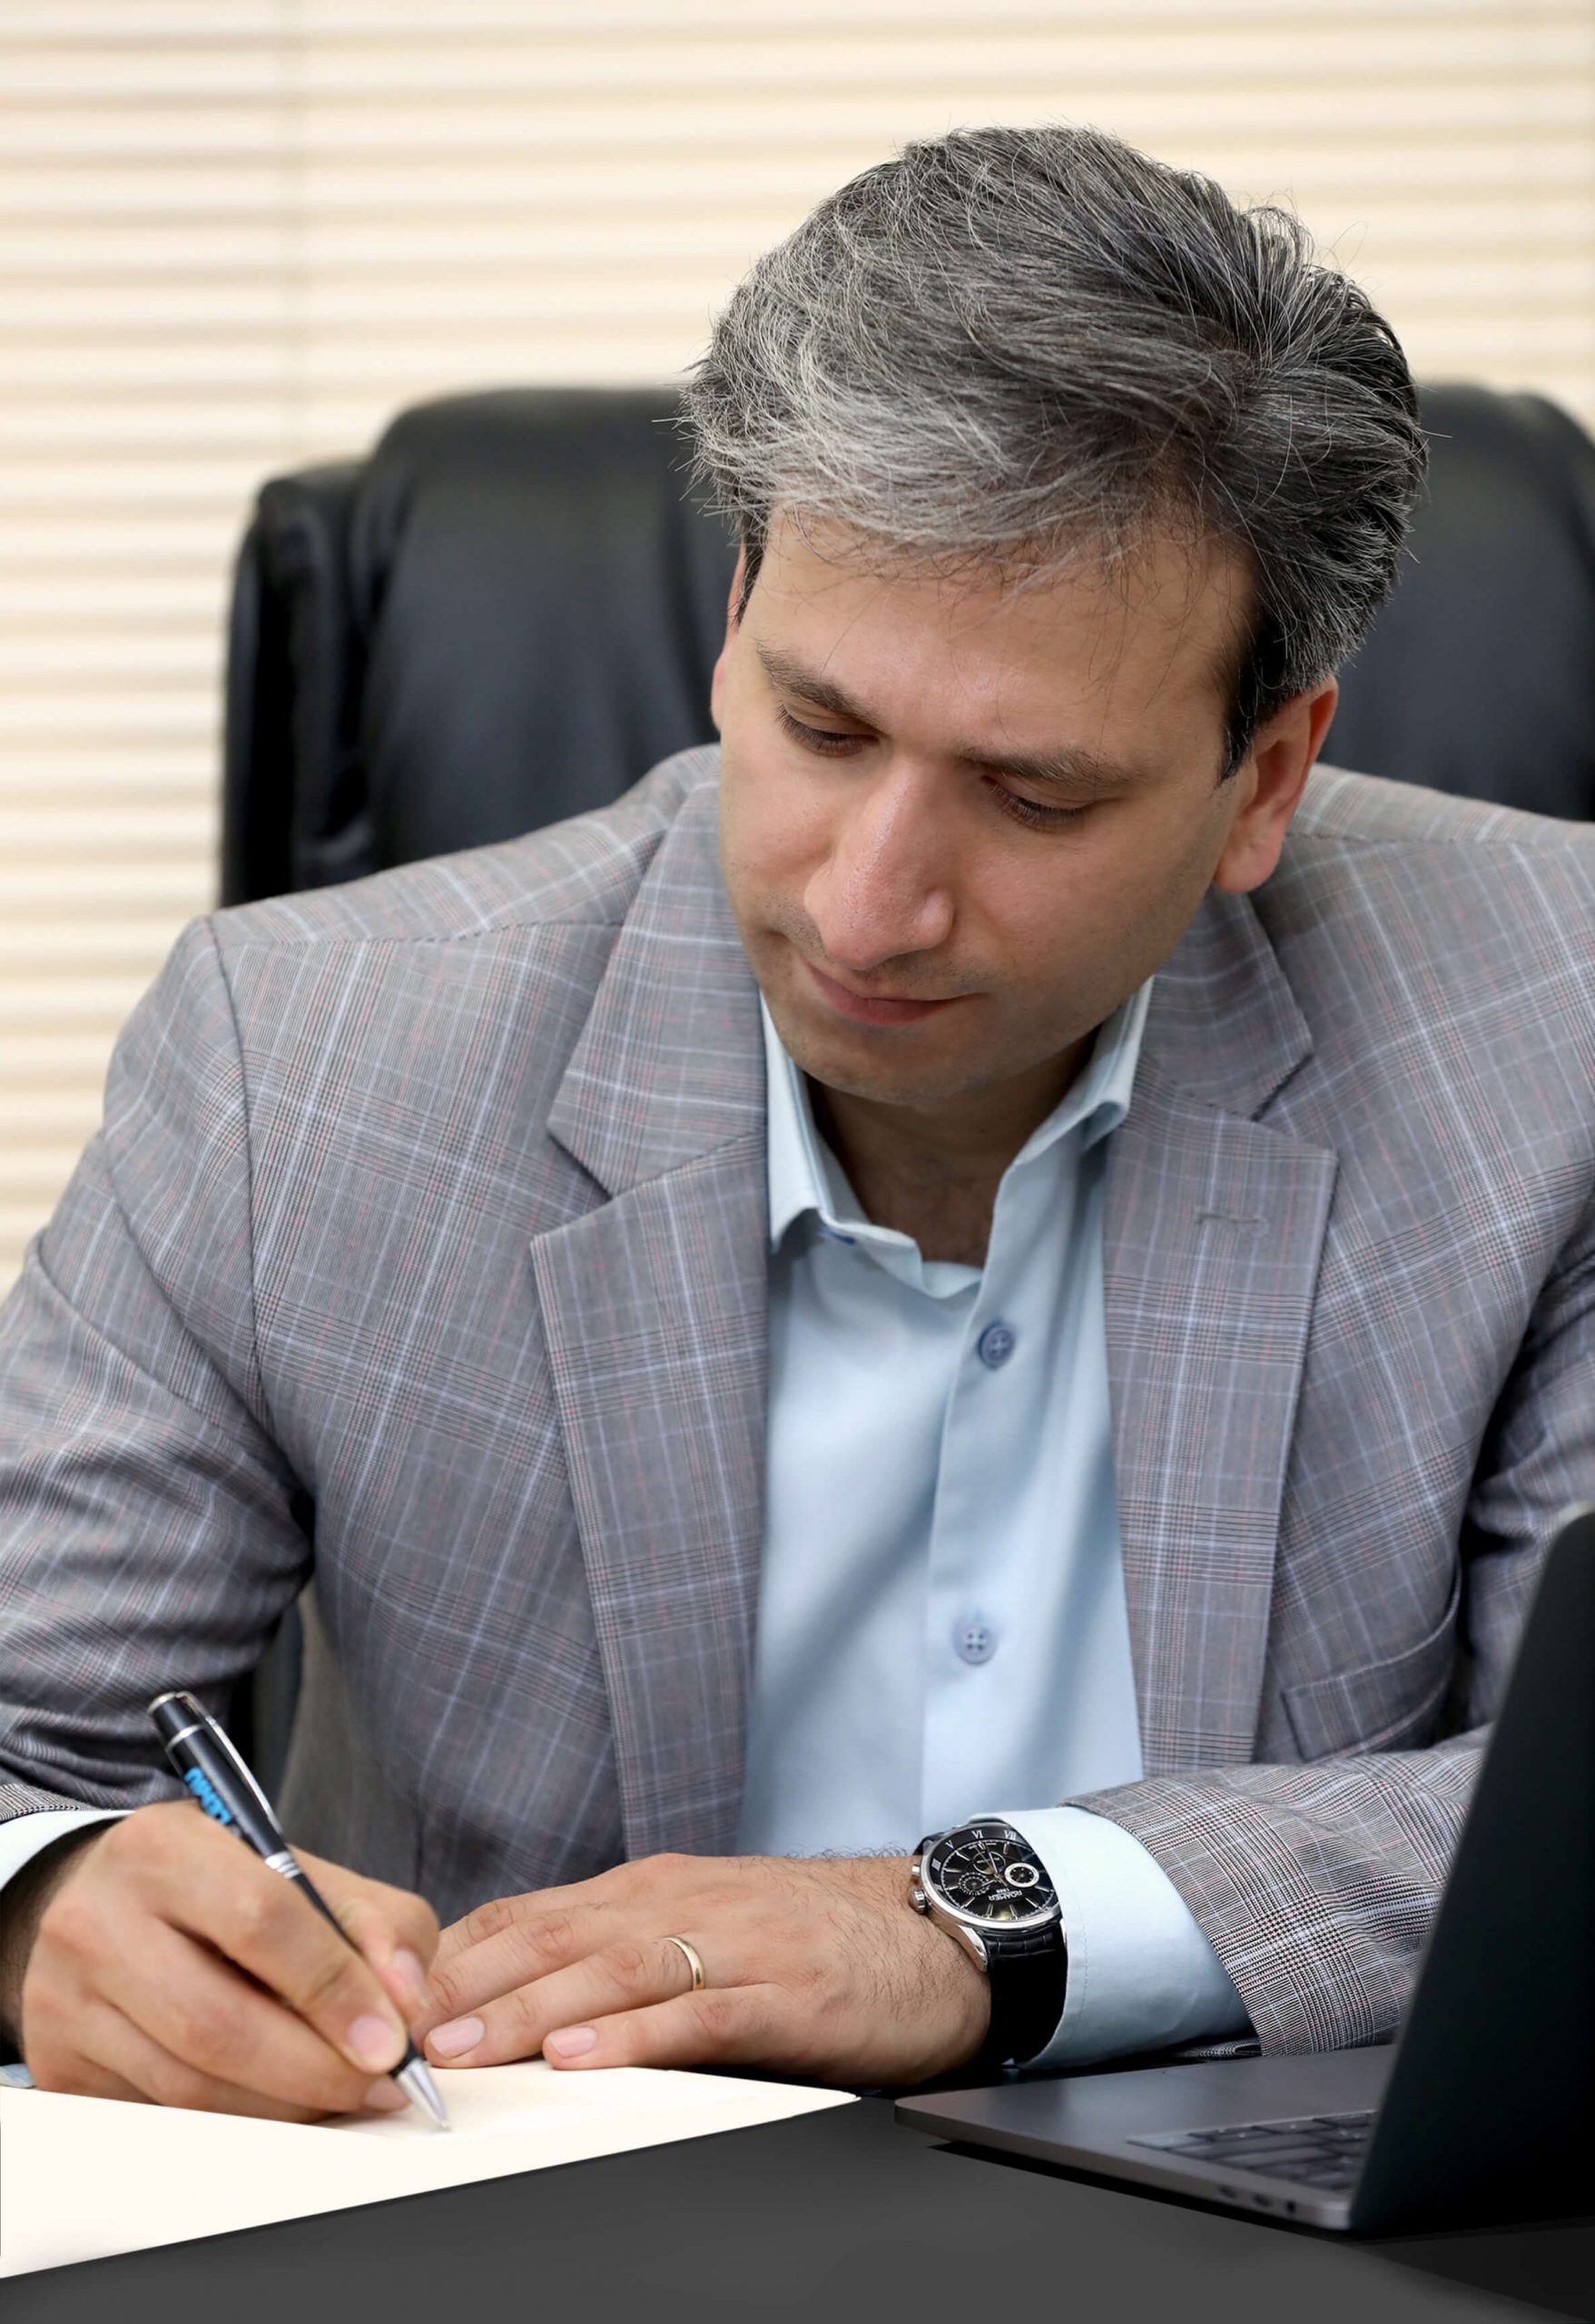 علیرضا بهمنی، مدیرعامل شرکت نـگاه بانـک با صدور احکامی جداگانه انتصابـات جدیـد این شرکـت را ابـلاغ کرد.